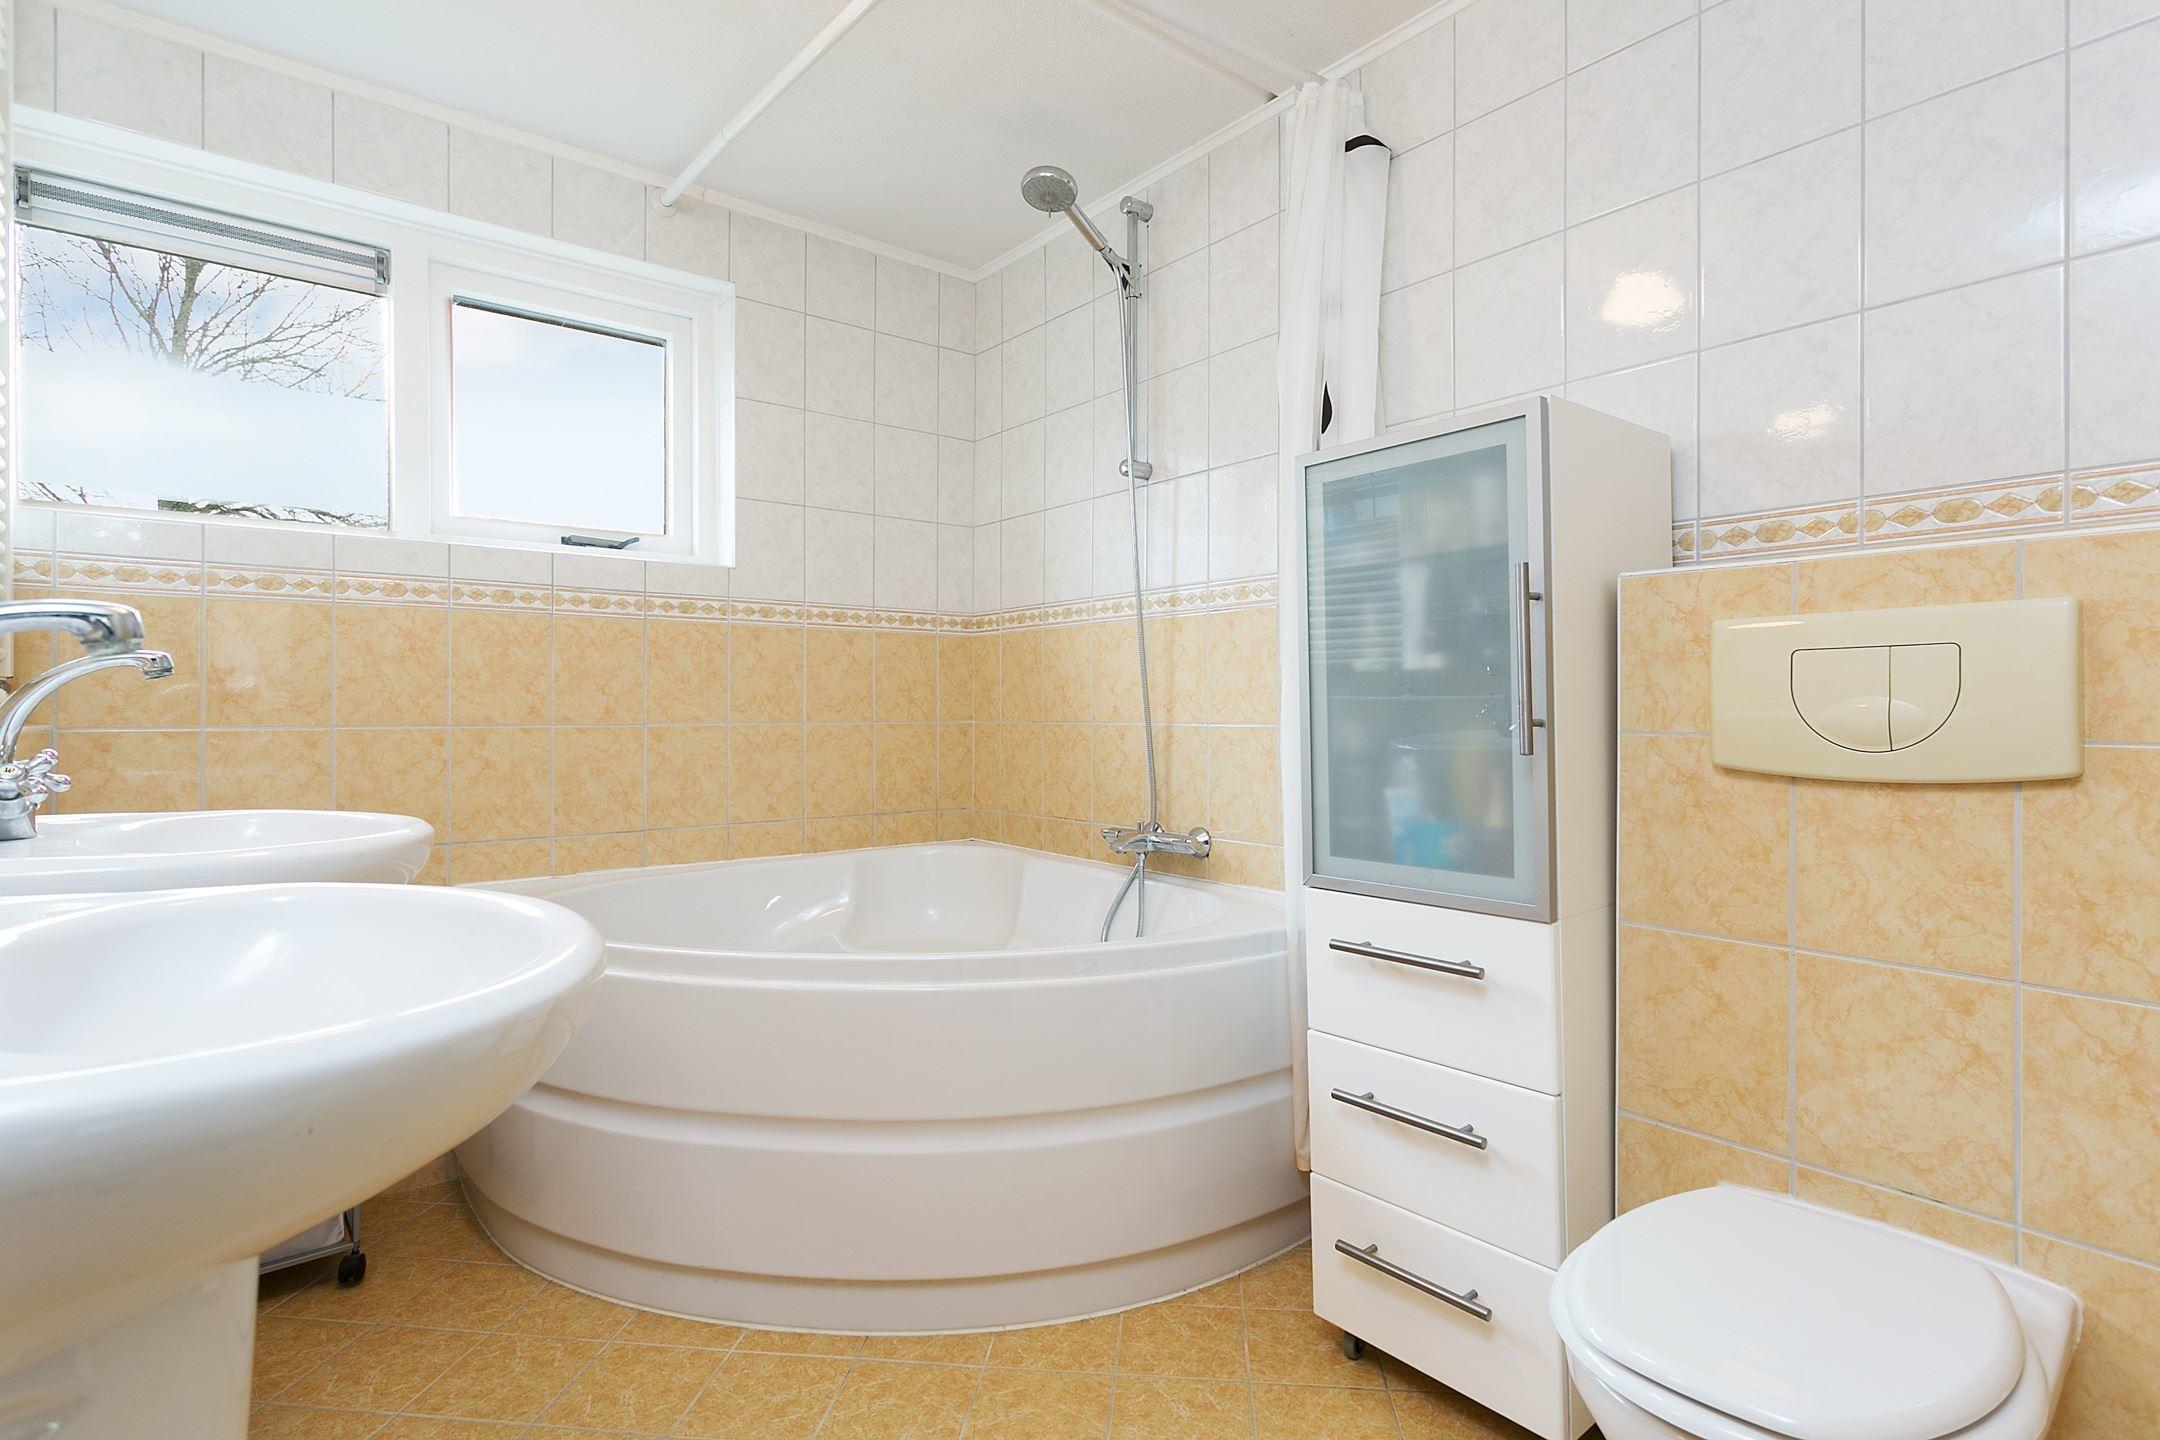 Zelf Badkamer Betegelen : Zelf tegels maken cool zelf tegels maken with zelf tegels maken